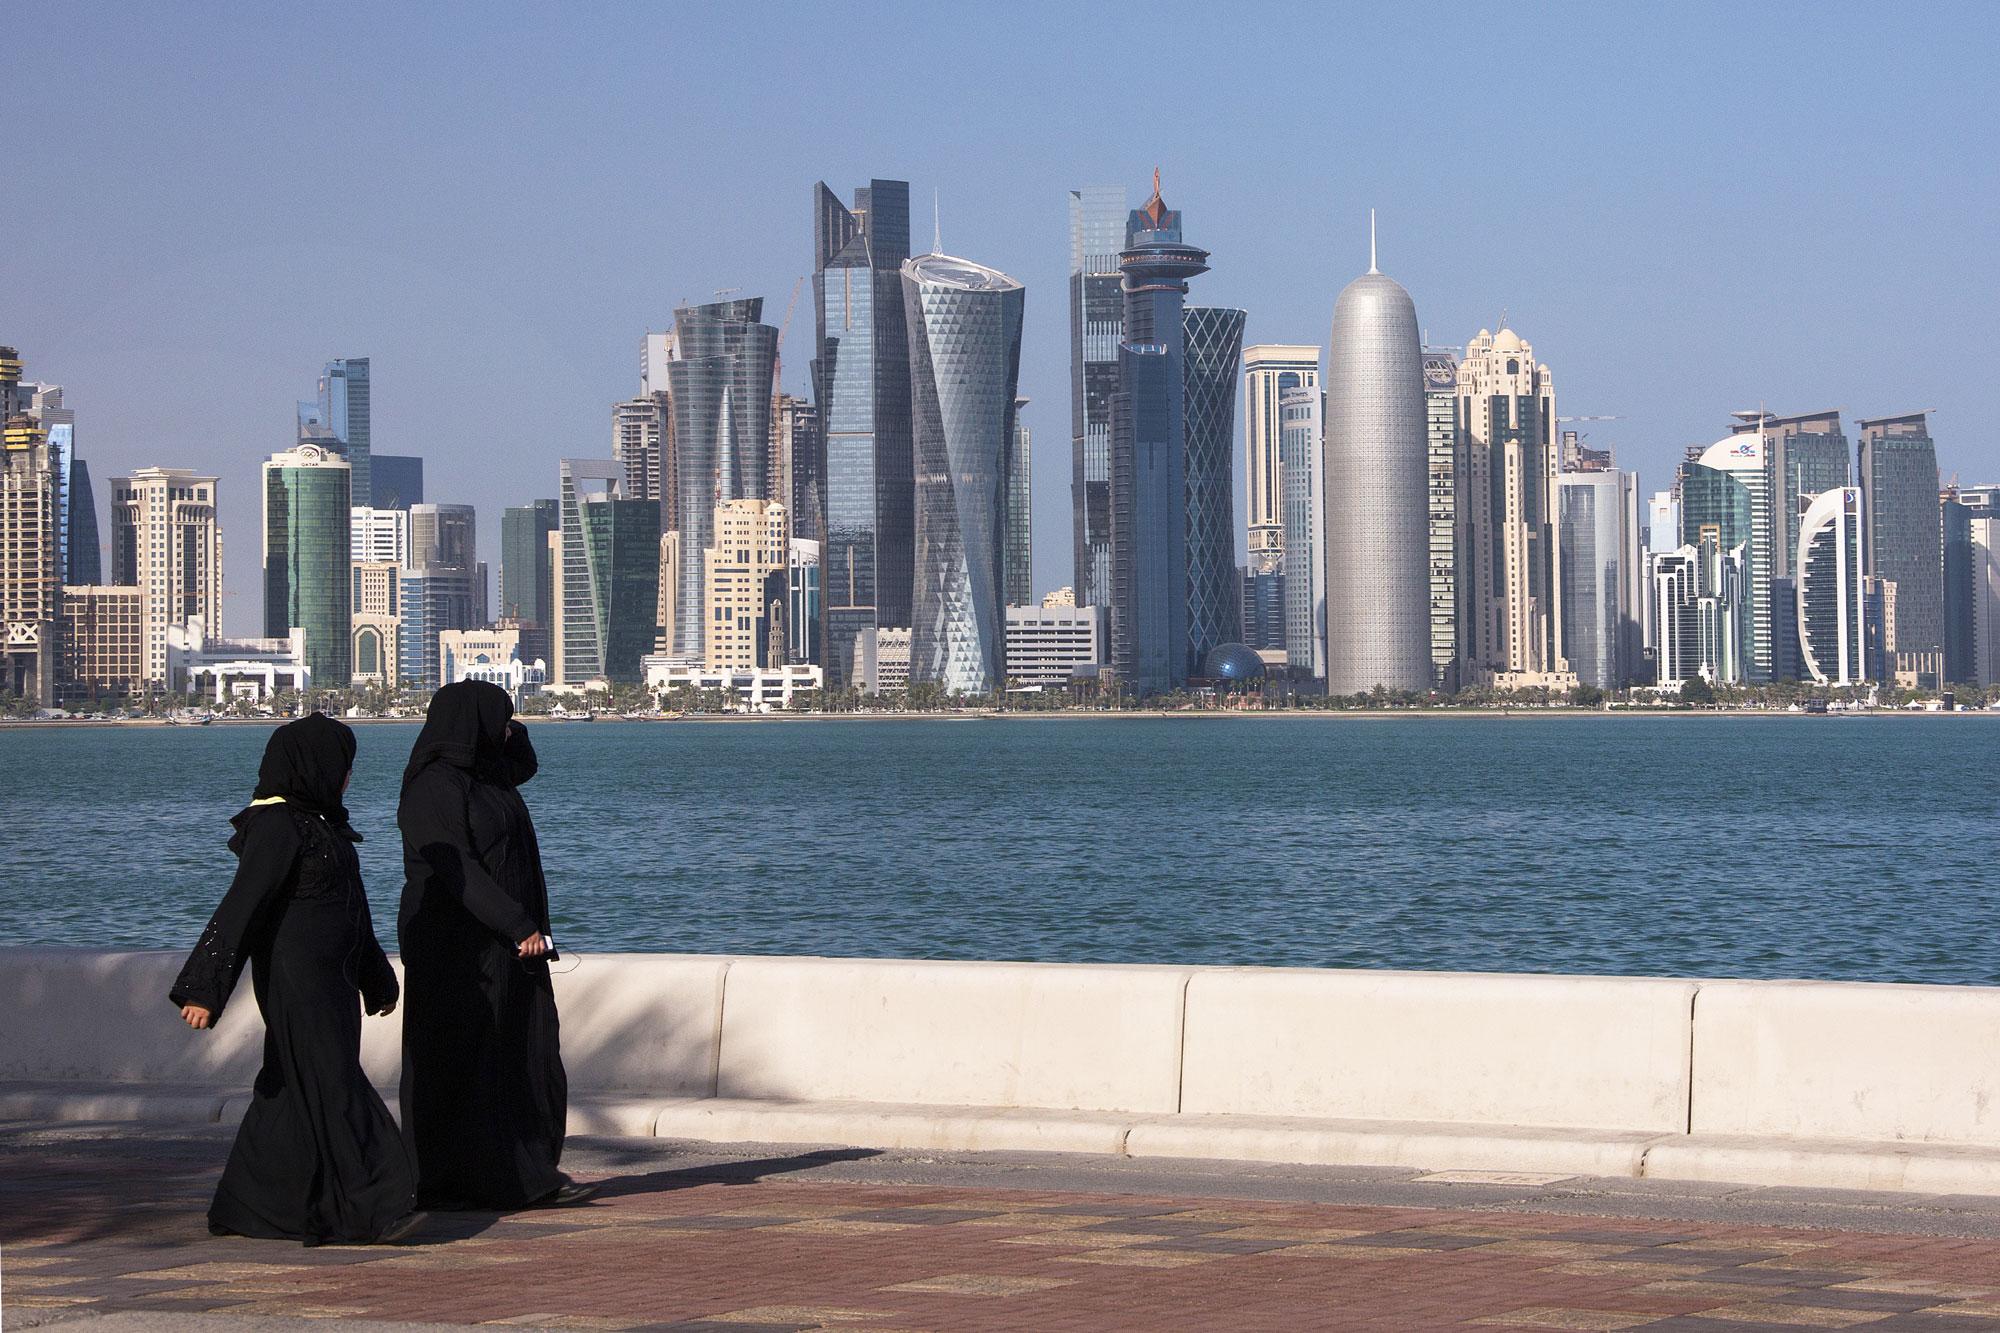 Il Qatar sotto scacco. Intervista a Marco Giaconi Alonzi